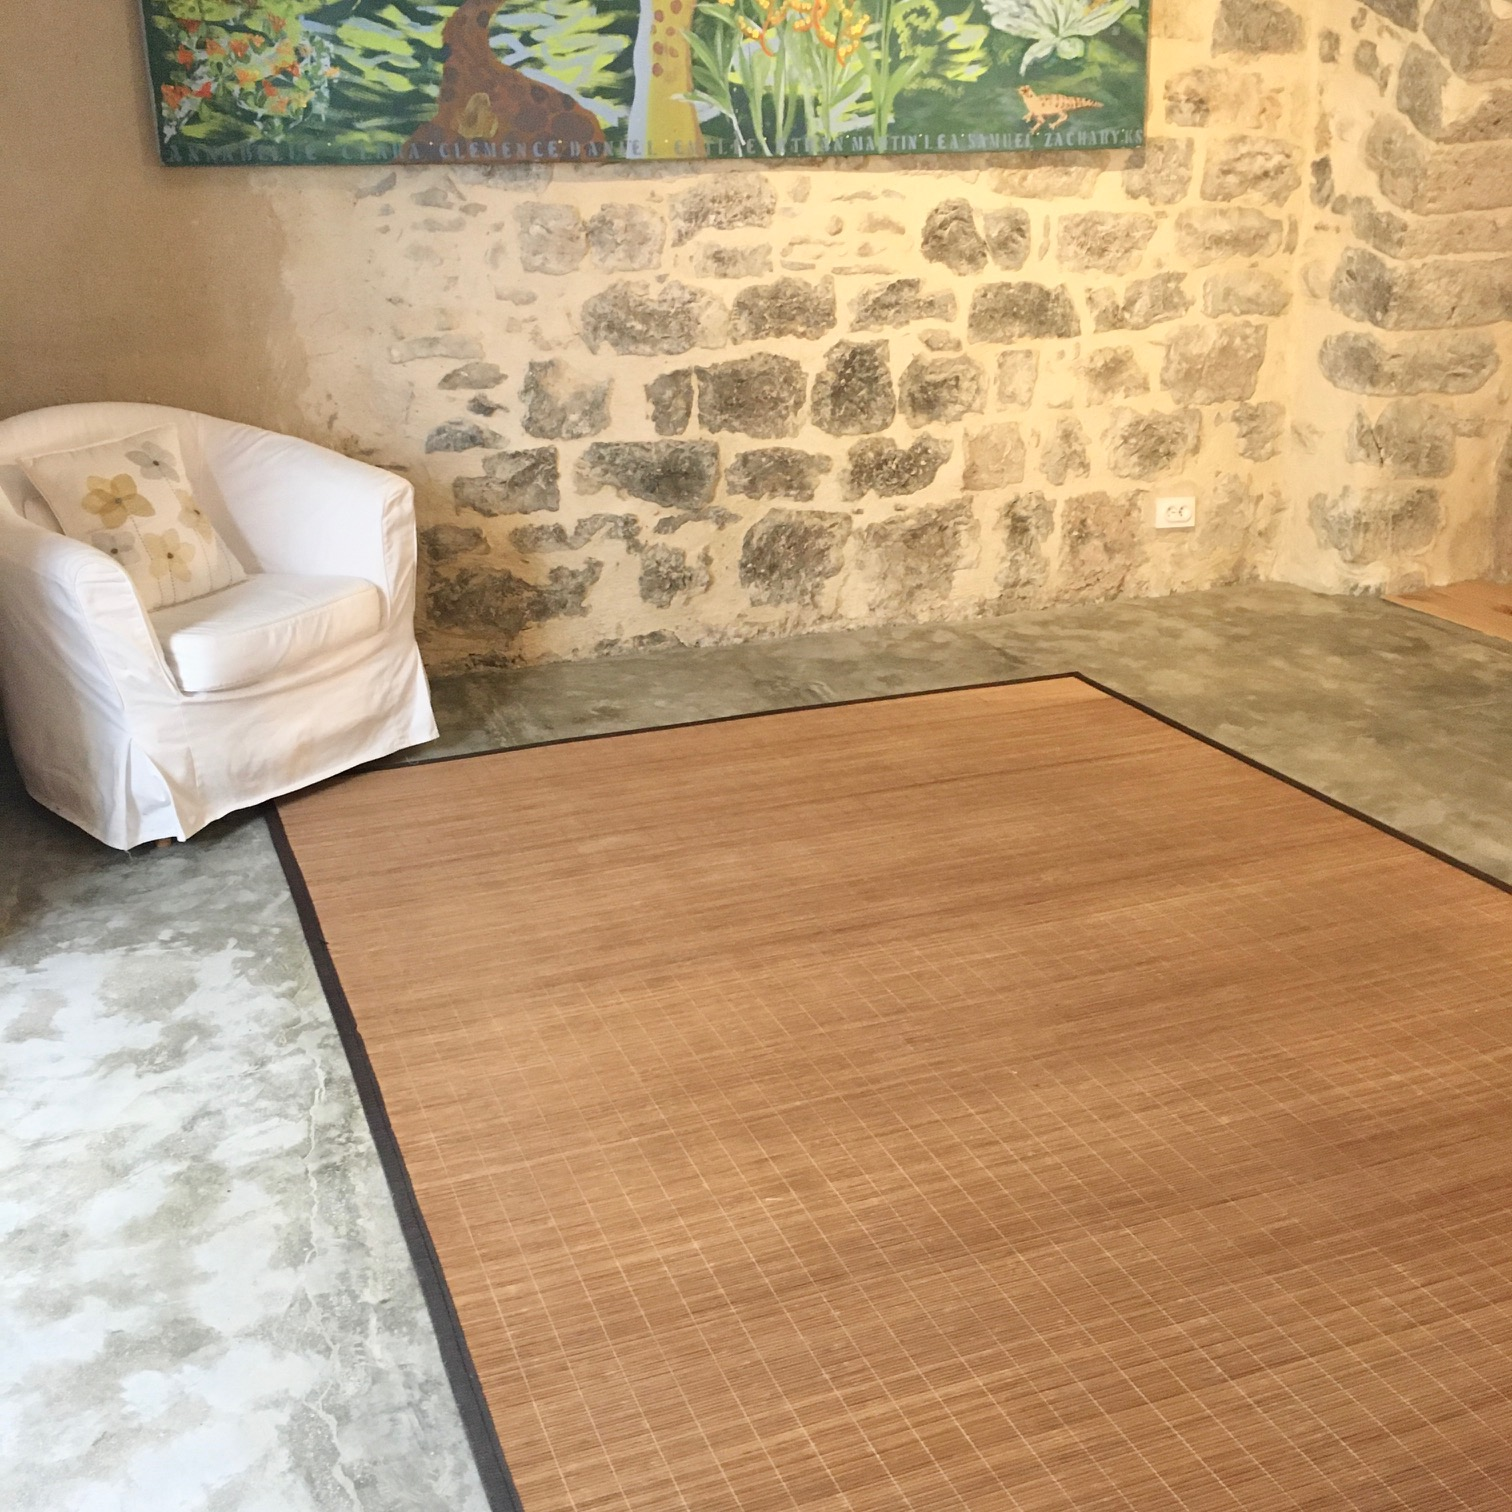 Lagrasse Gîte et Chambre d'Hôtes EstWest Espace Yoga